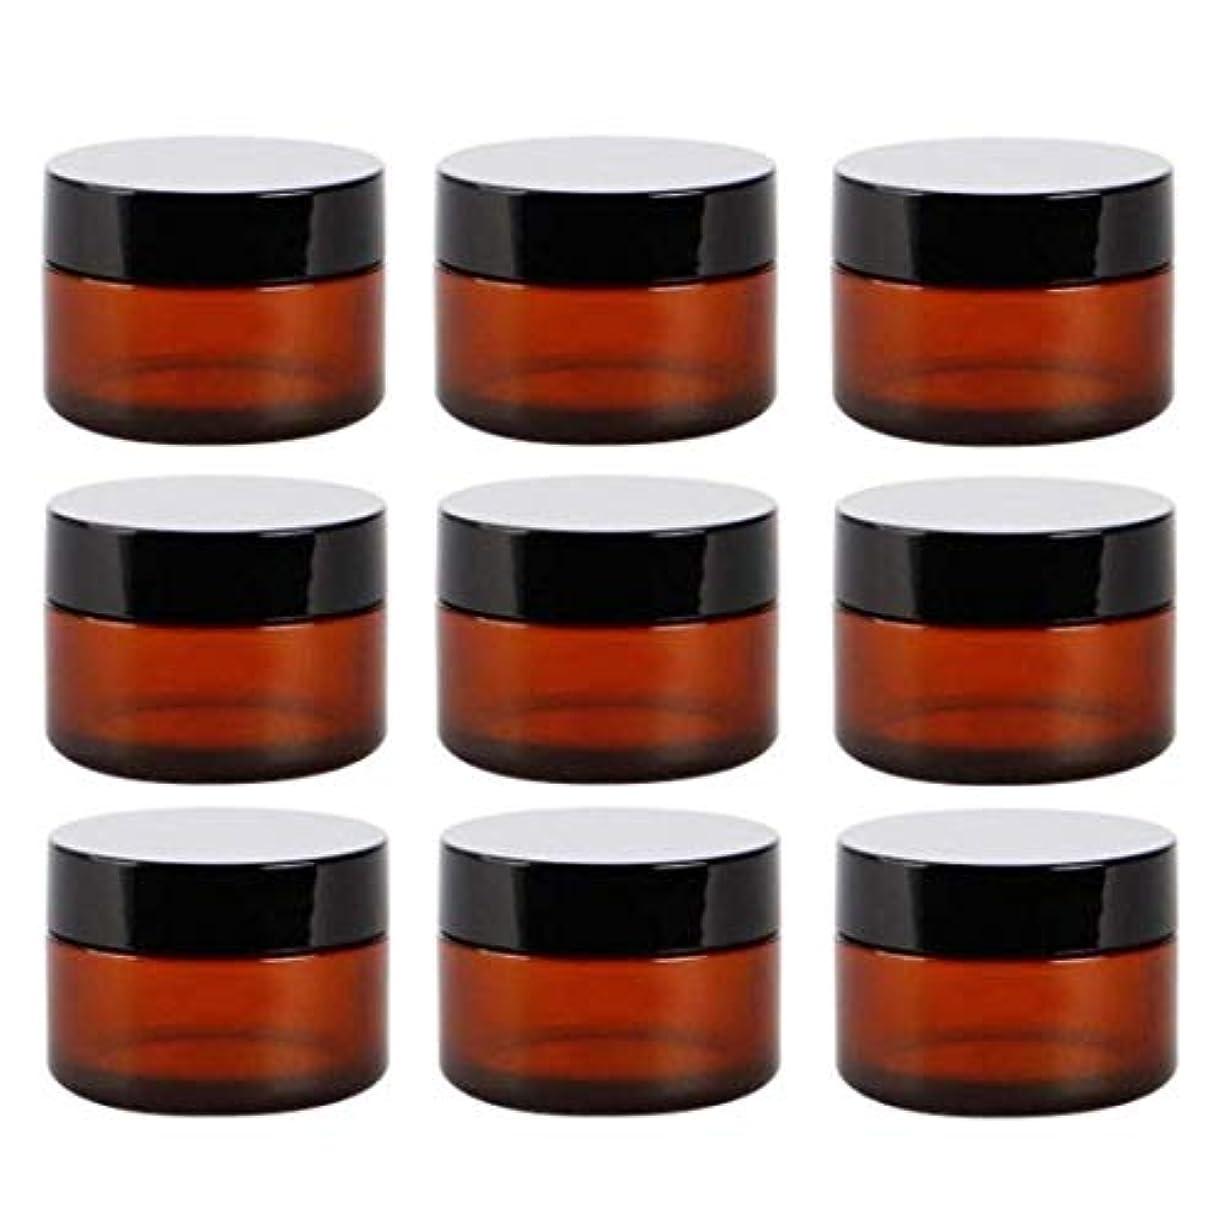 記事しかしながらアートアロマオイル 精油 香水やアロマの保存 小分け用 遮光瓶 詰替え ガラス製 9本セット茶色10g